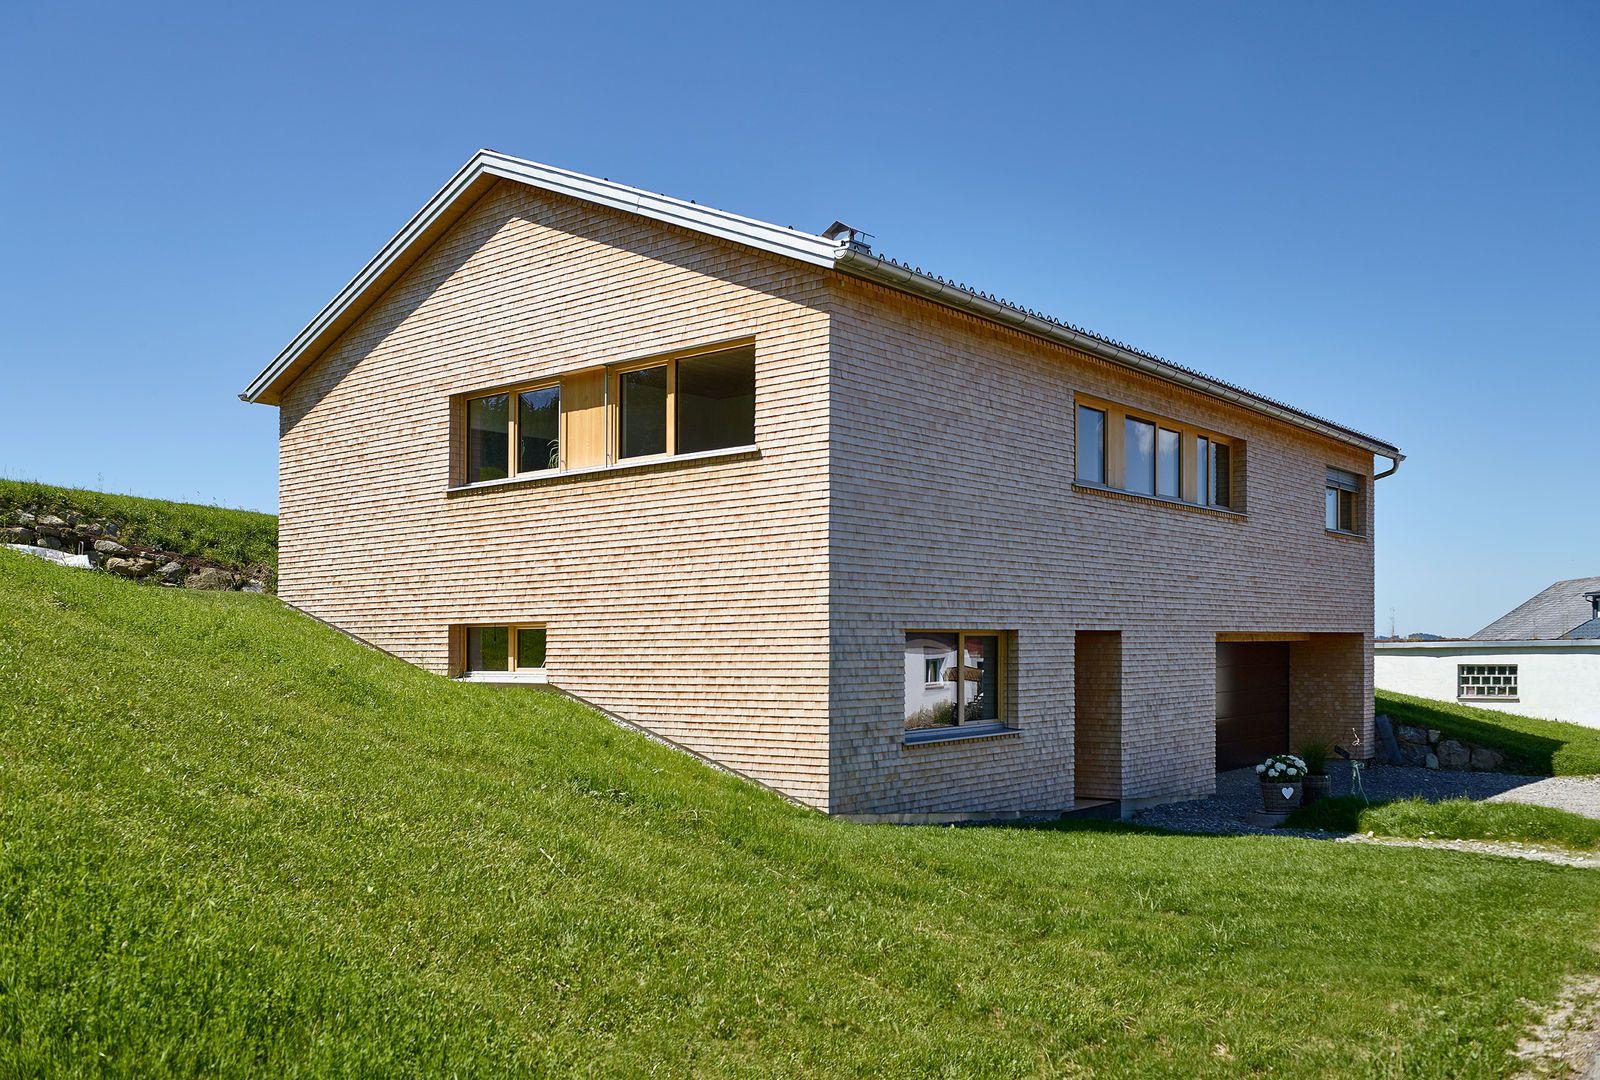 EFH Heim Vorarlberger Holzbaukunst Bau, Haus außen